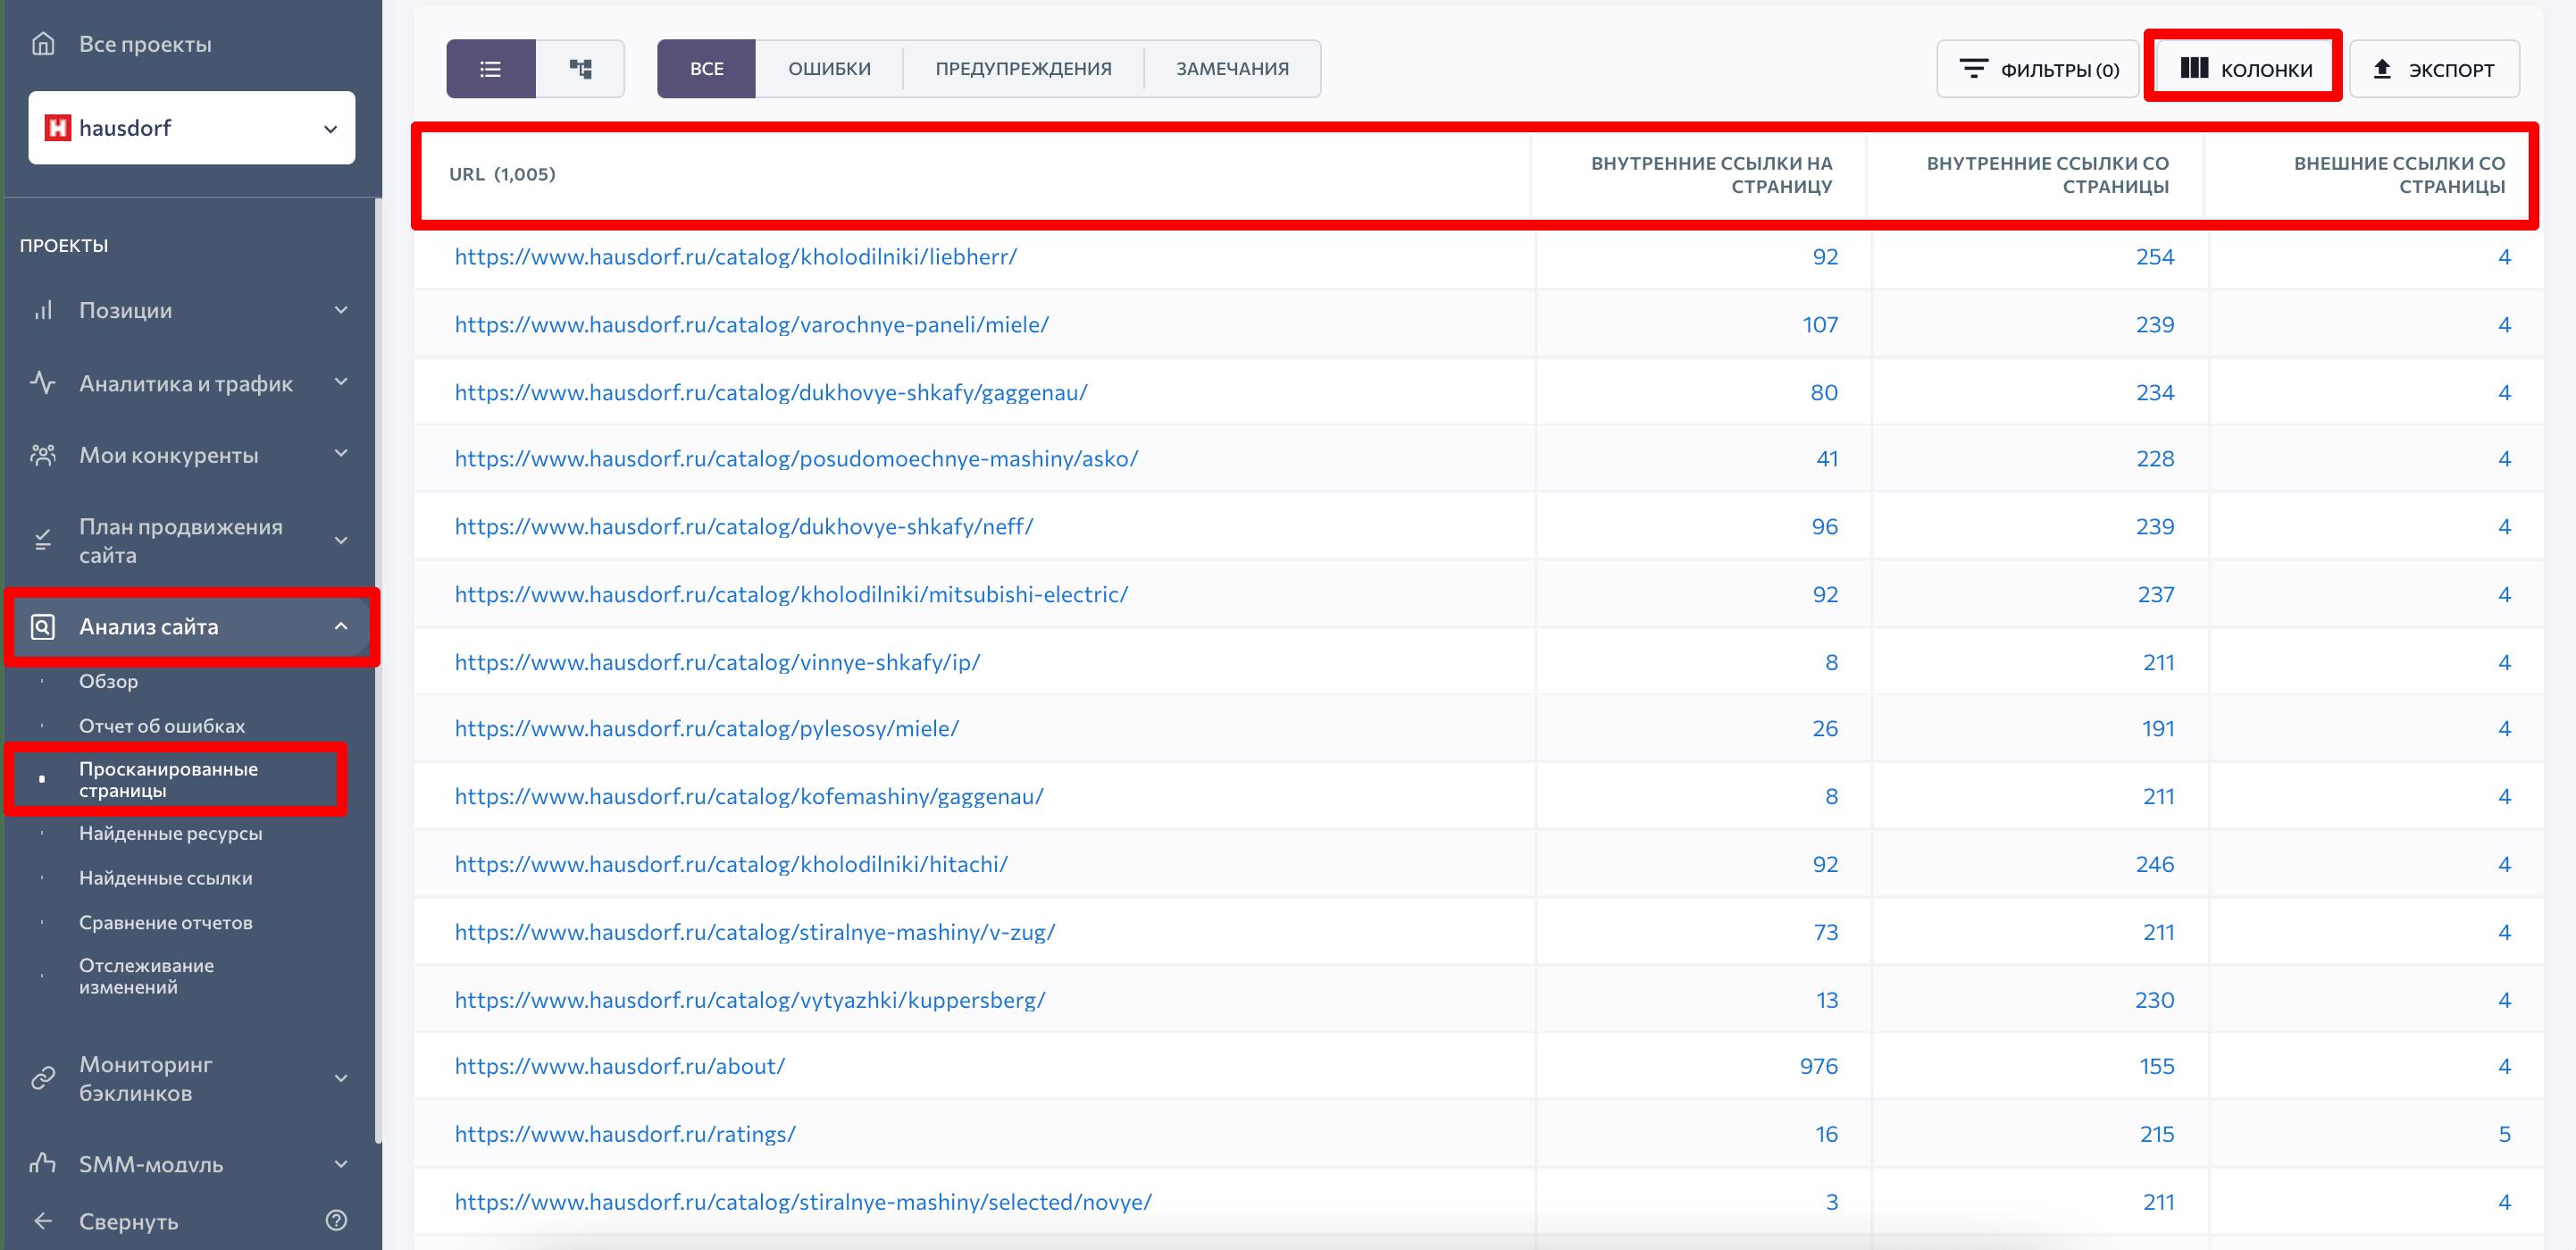 Колонки для анализа внутренней перелинковки в аудите SE Ranking